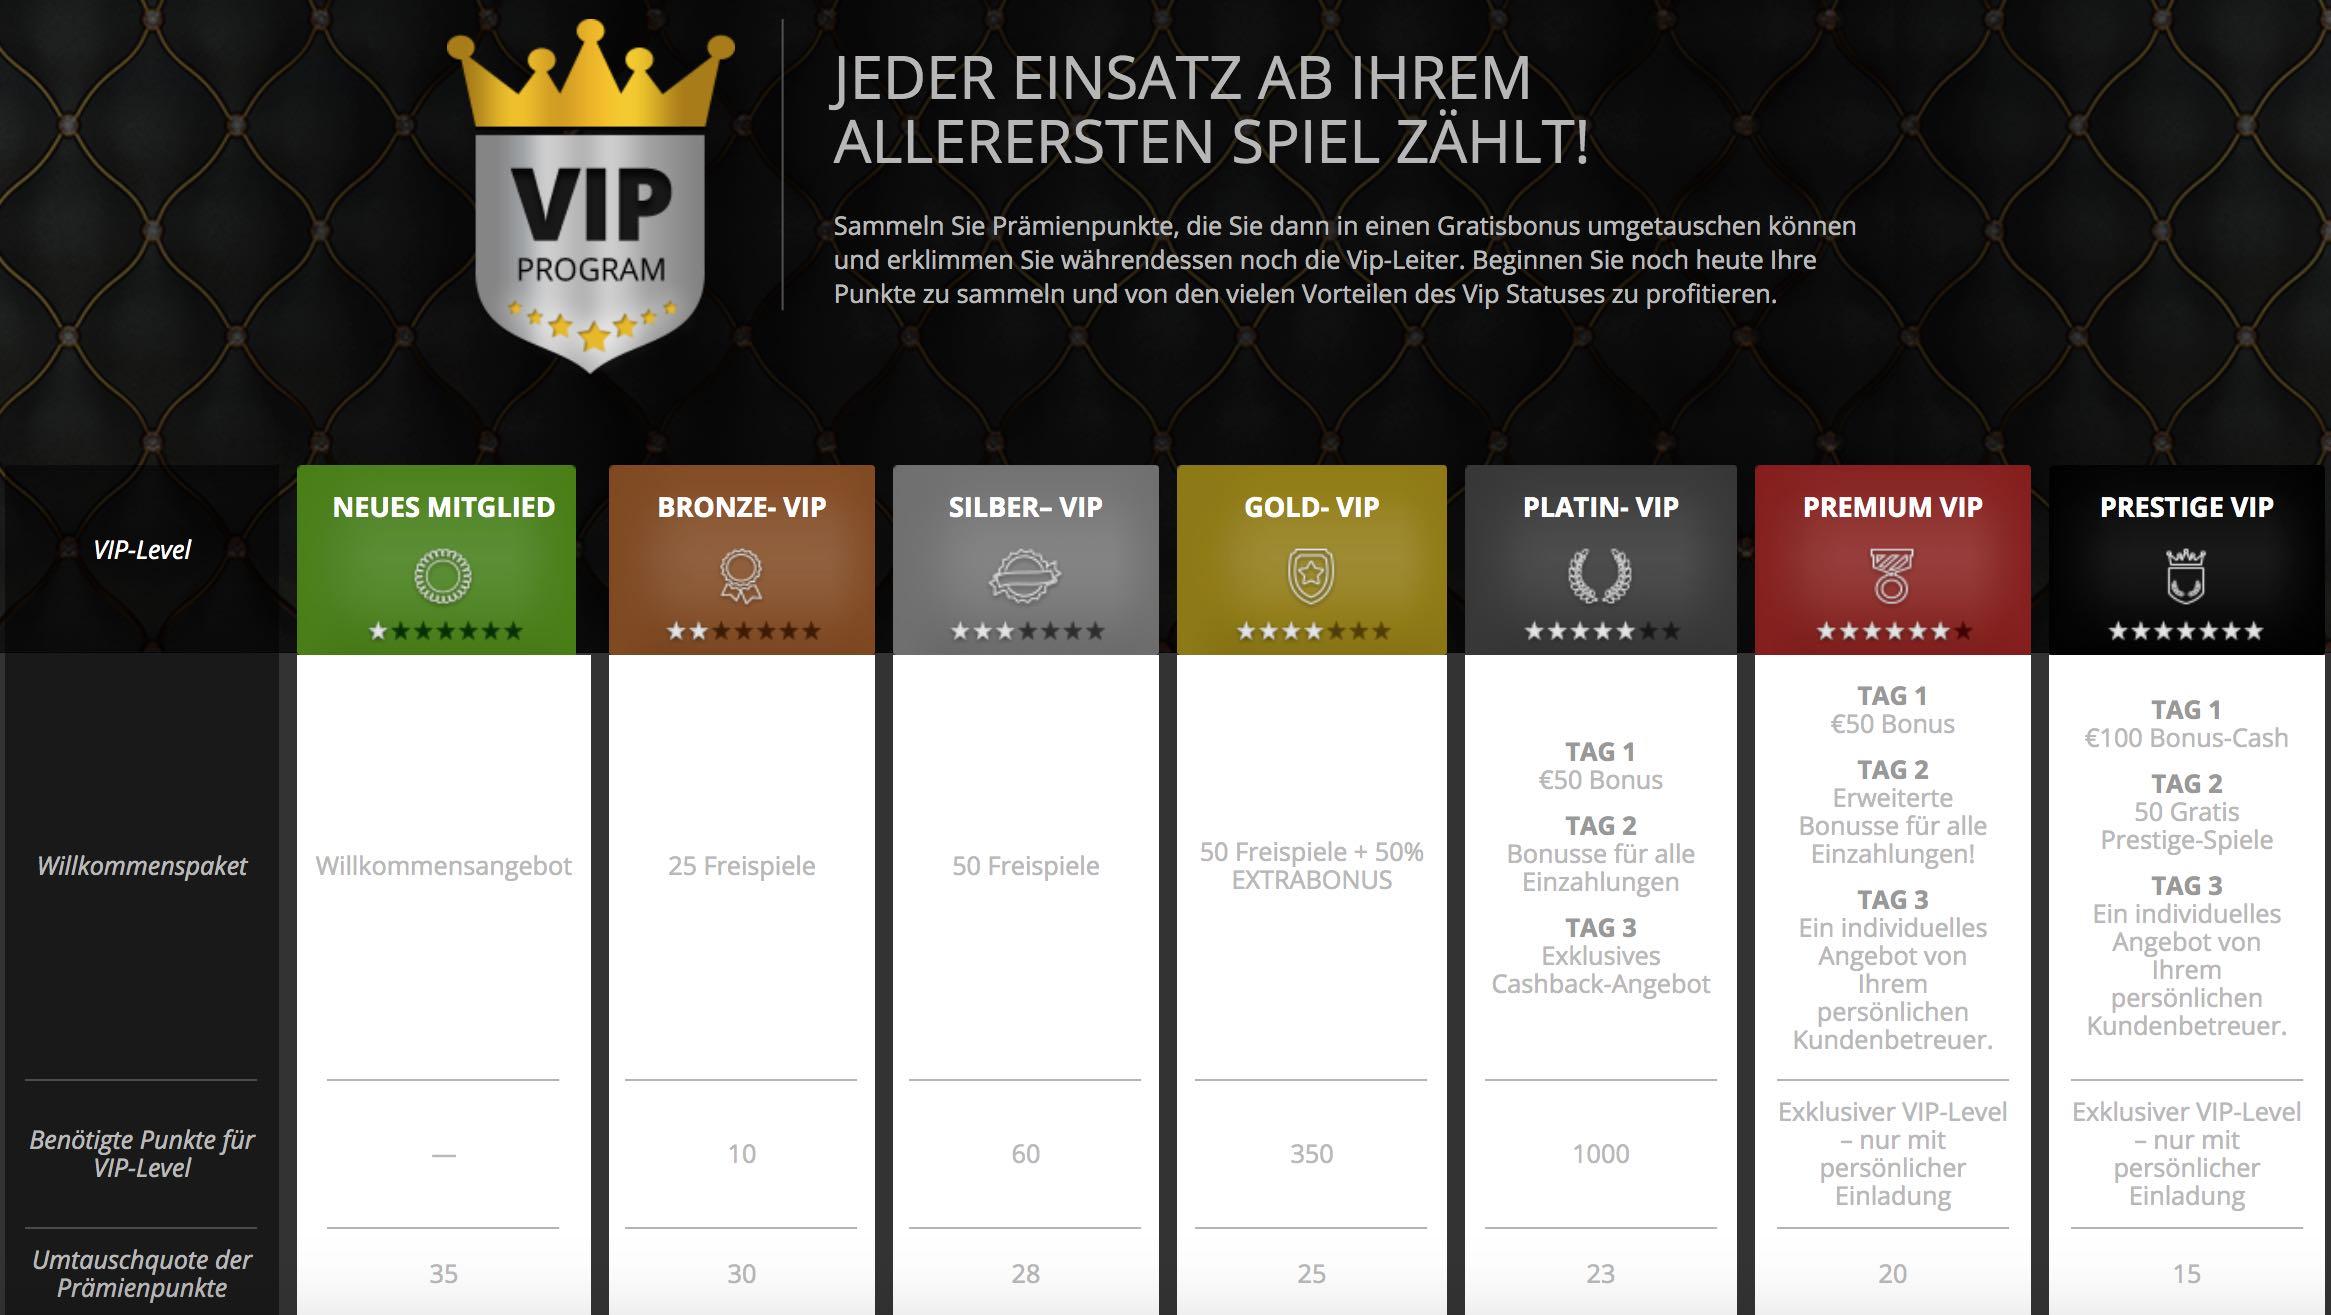 VIP Club Programm